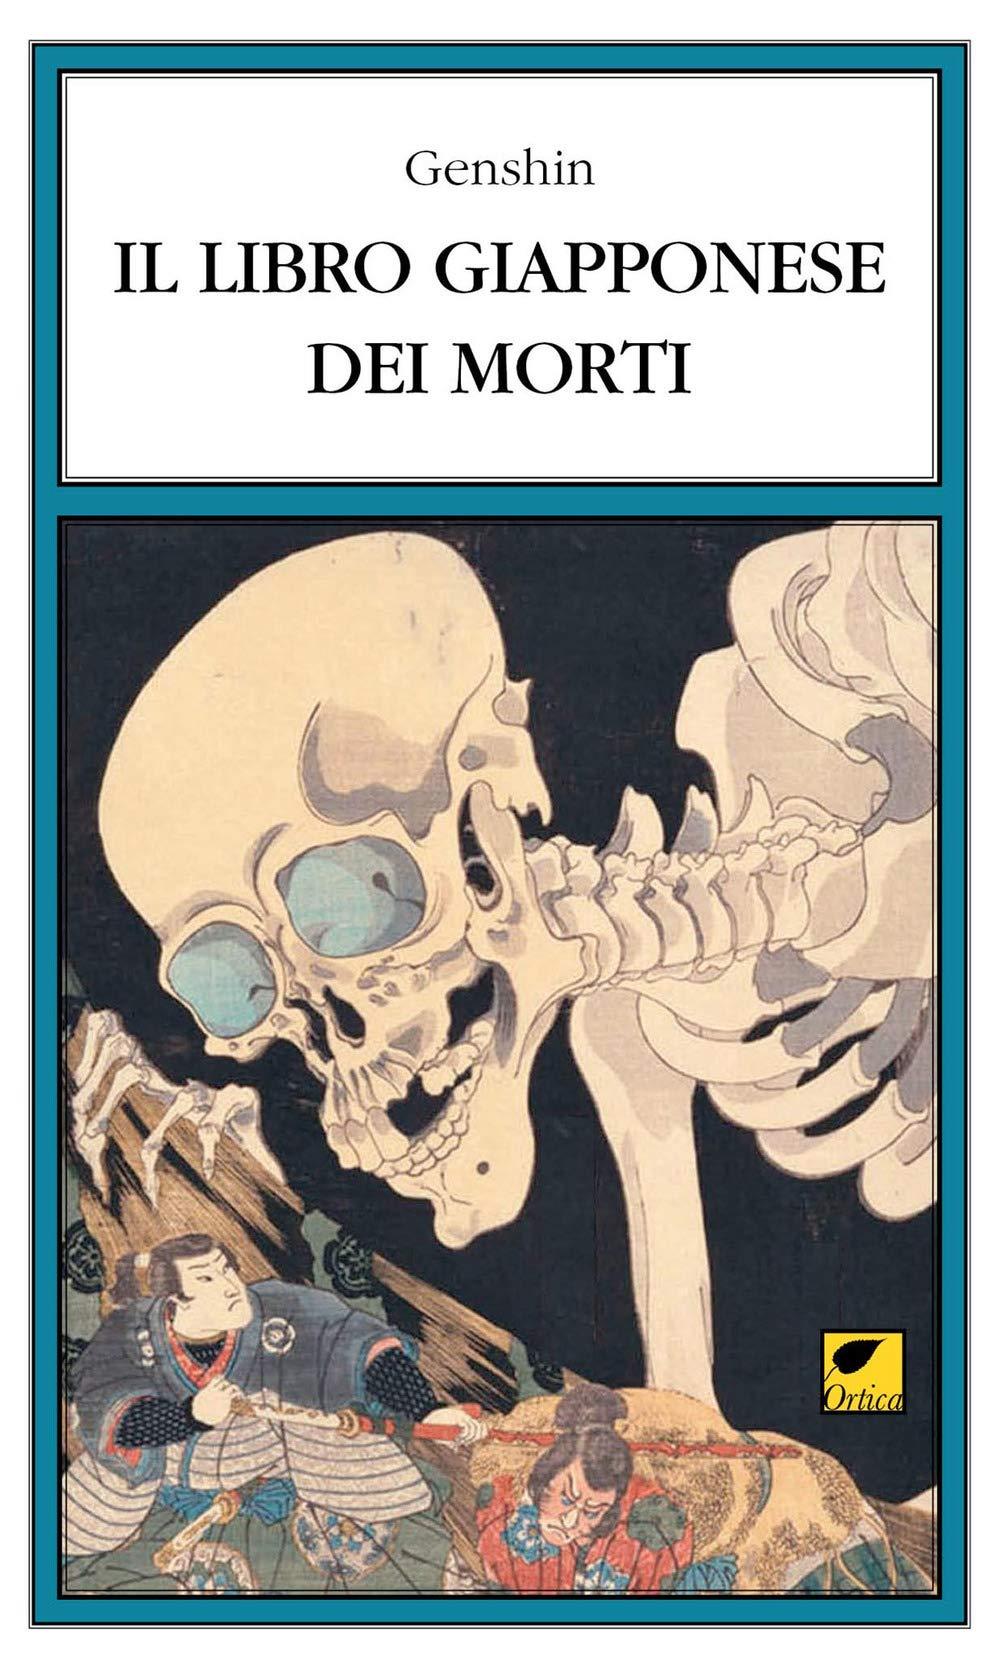 Il libro giapponese dei morti Copertina flessibile – 27 set 2018 Genshin M. Pinna Ortica Editrice 8897011748